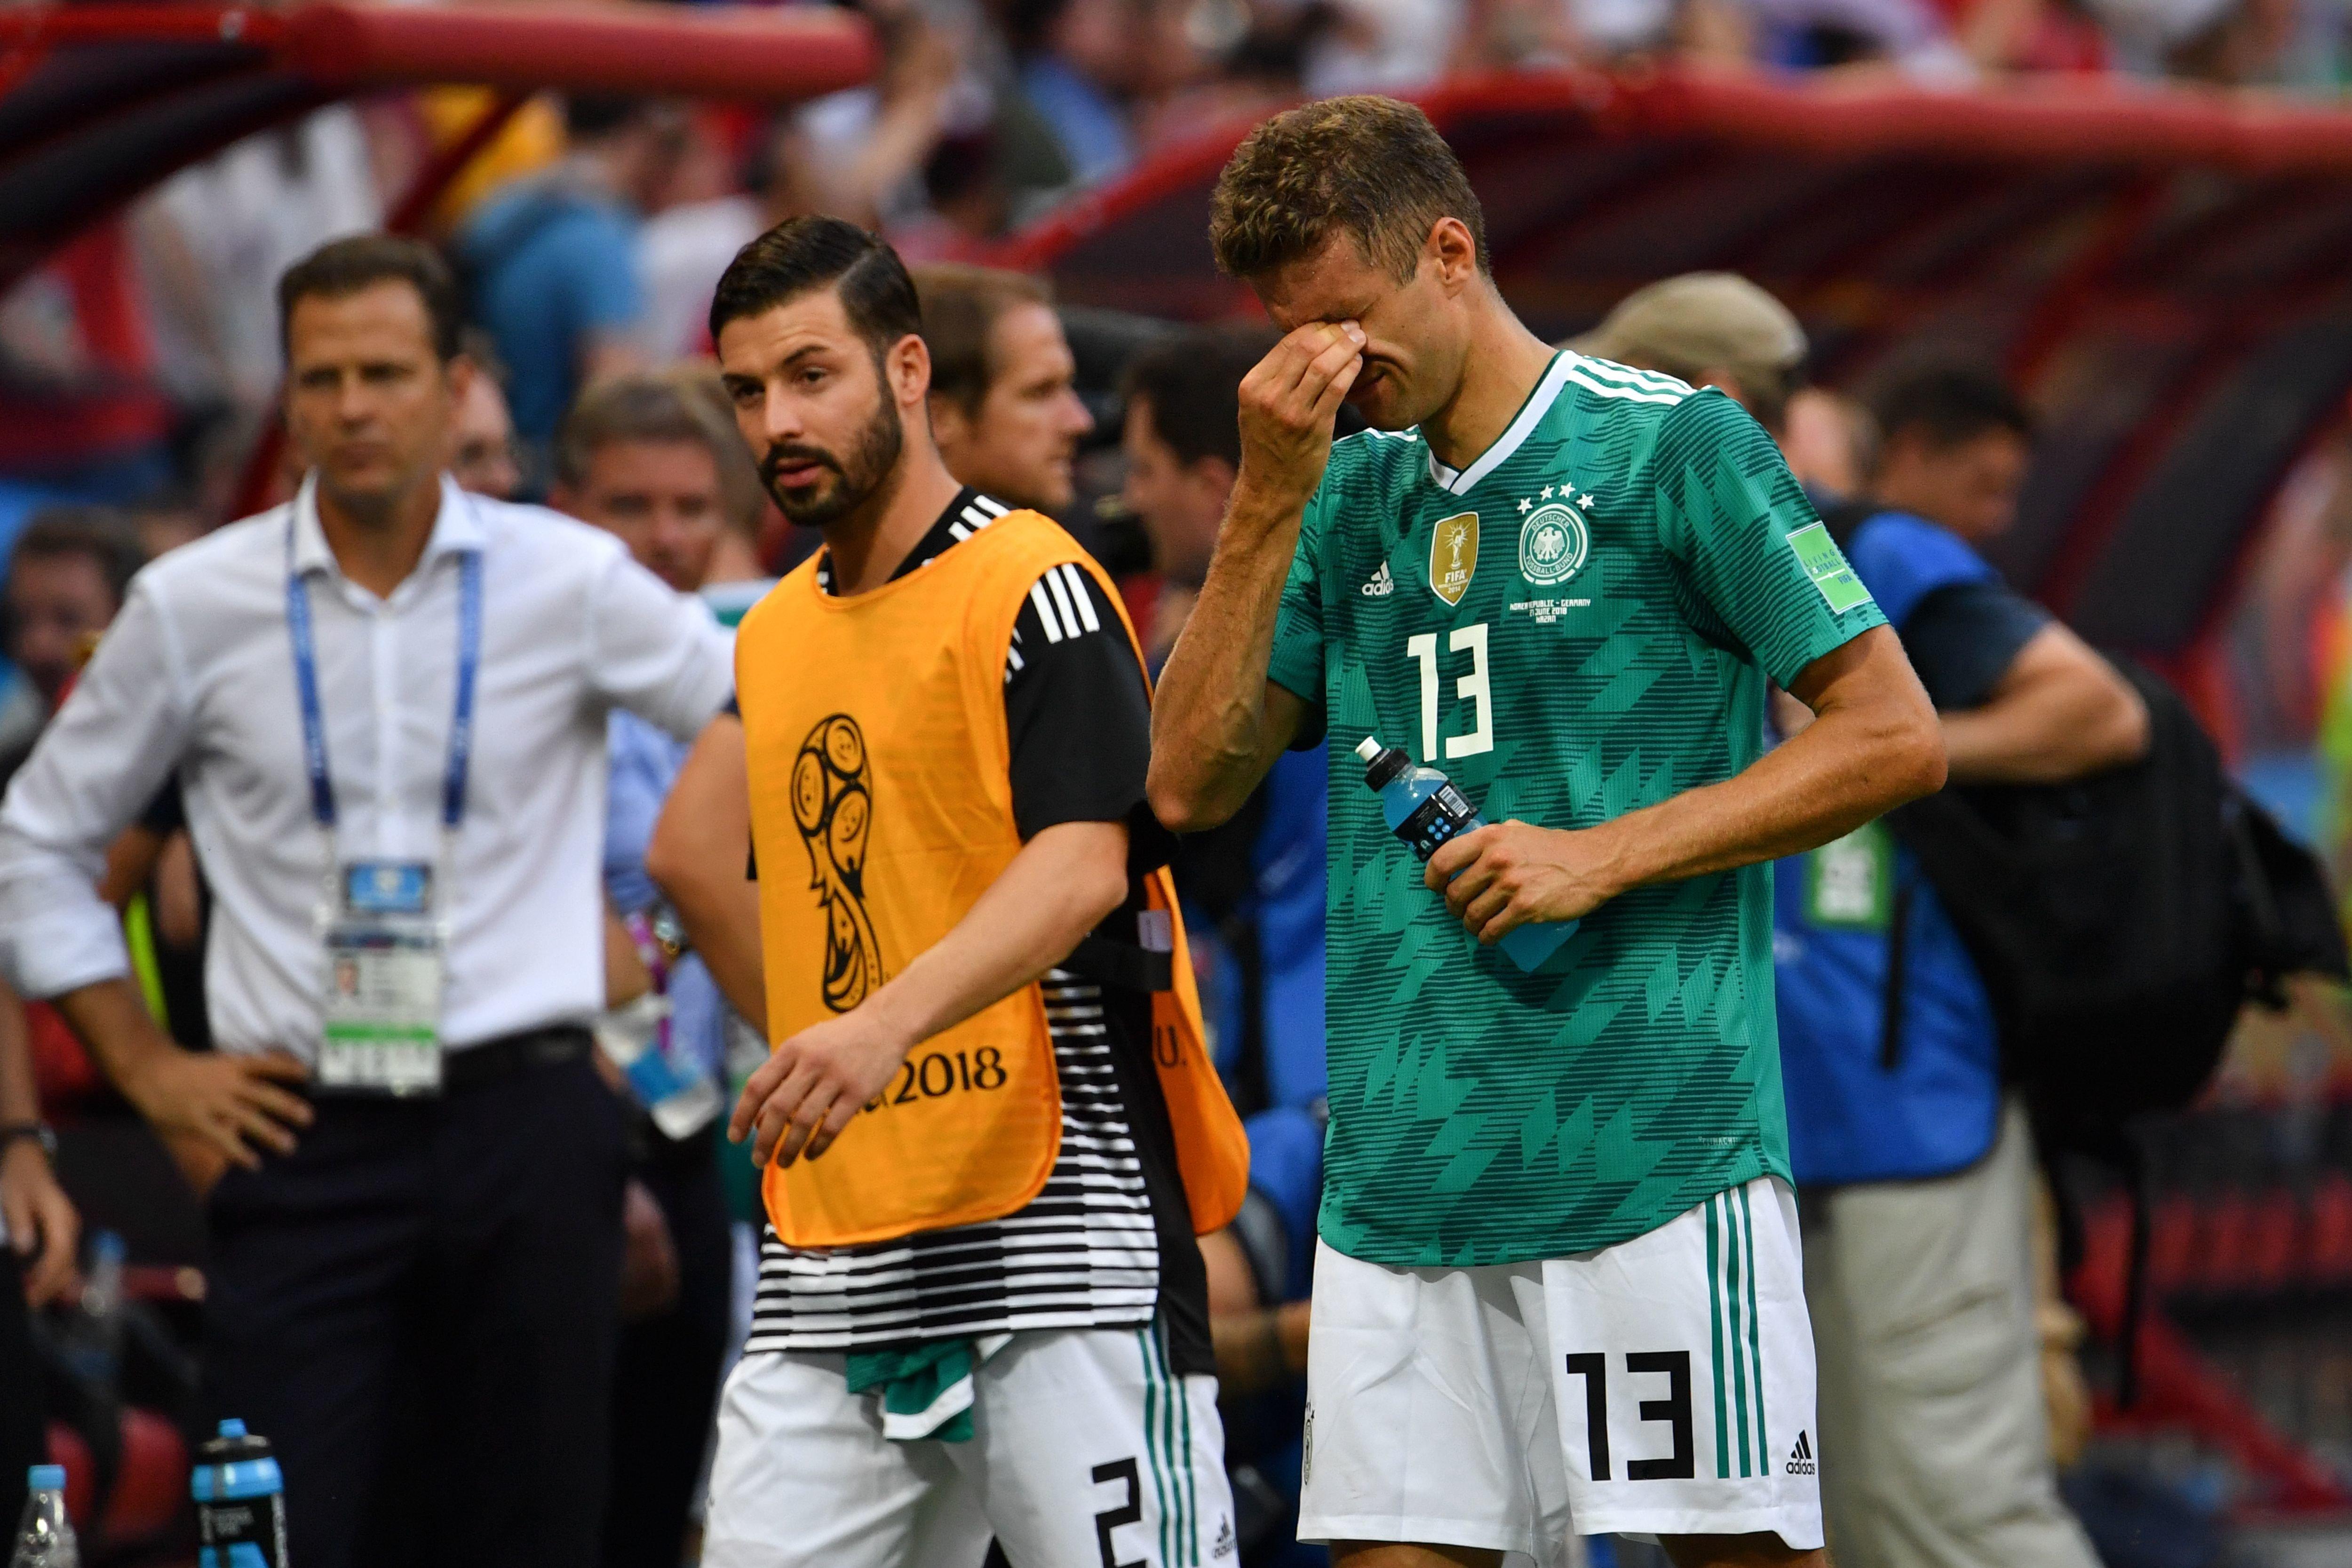 """독일 언론은 """"월드컵 사상 최대 굴욕""""이라고 한국 전을 평가했다"""